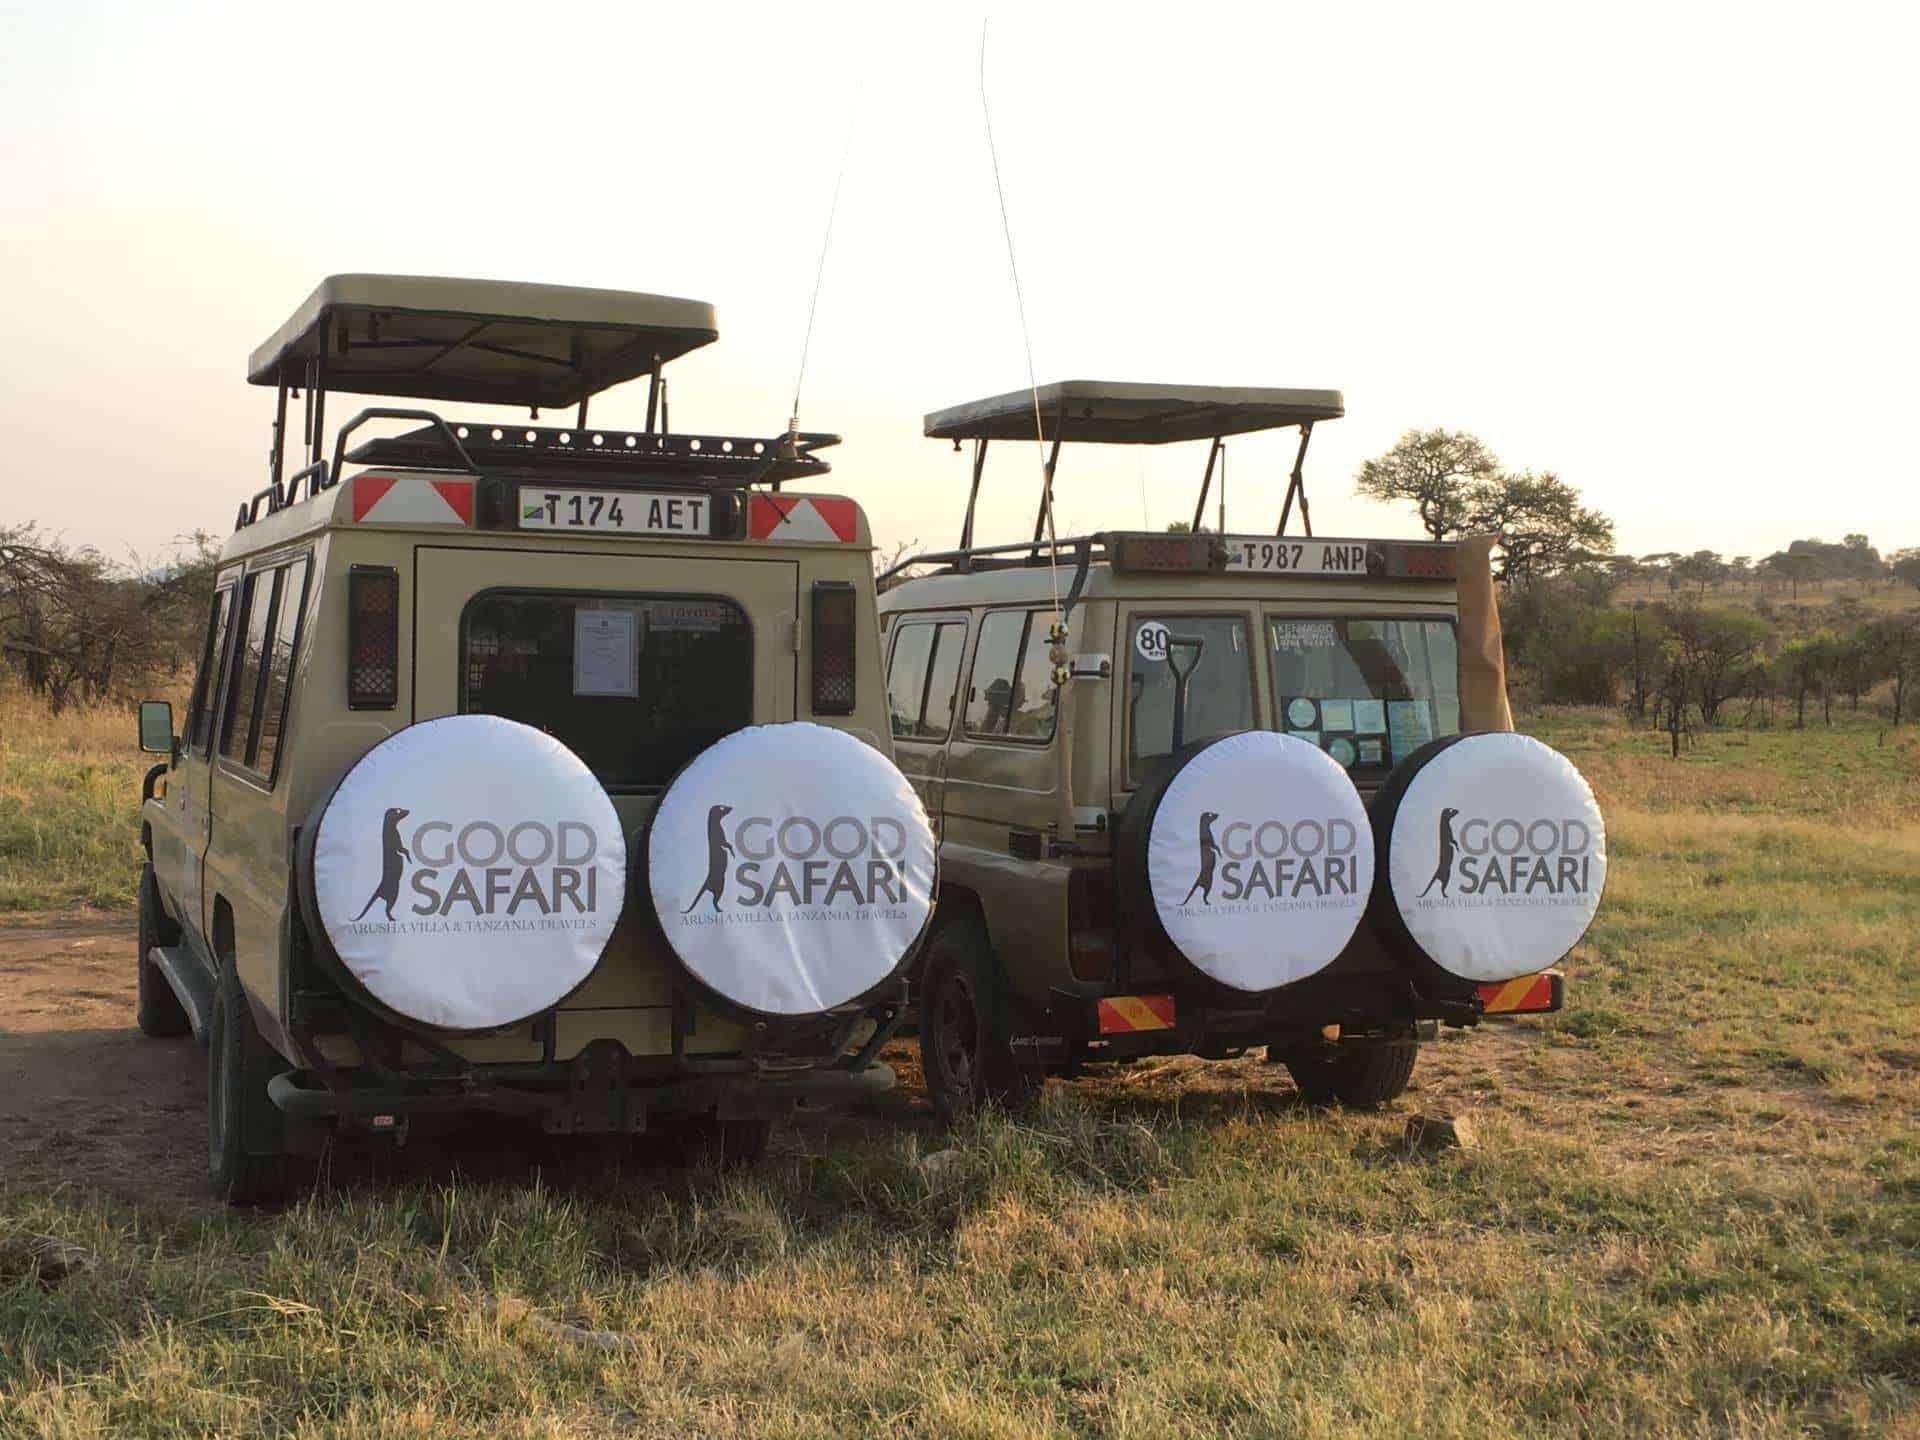 serengeti good safari rondreizen tanzania